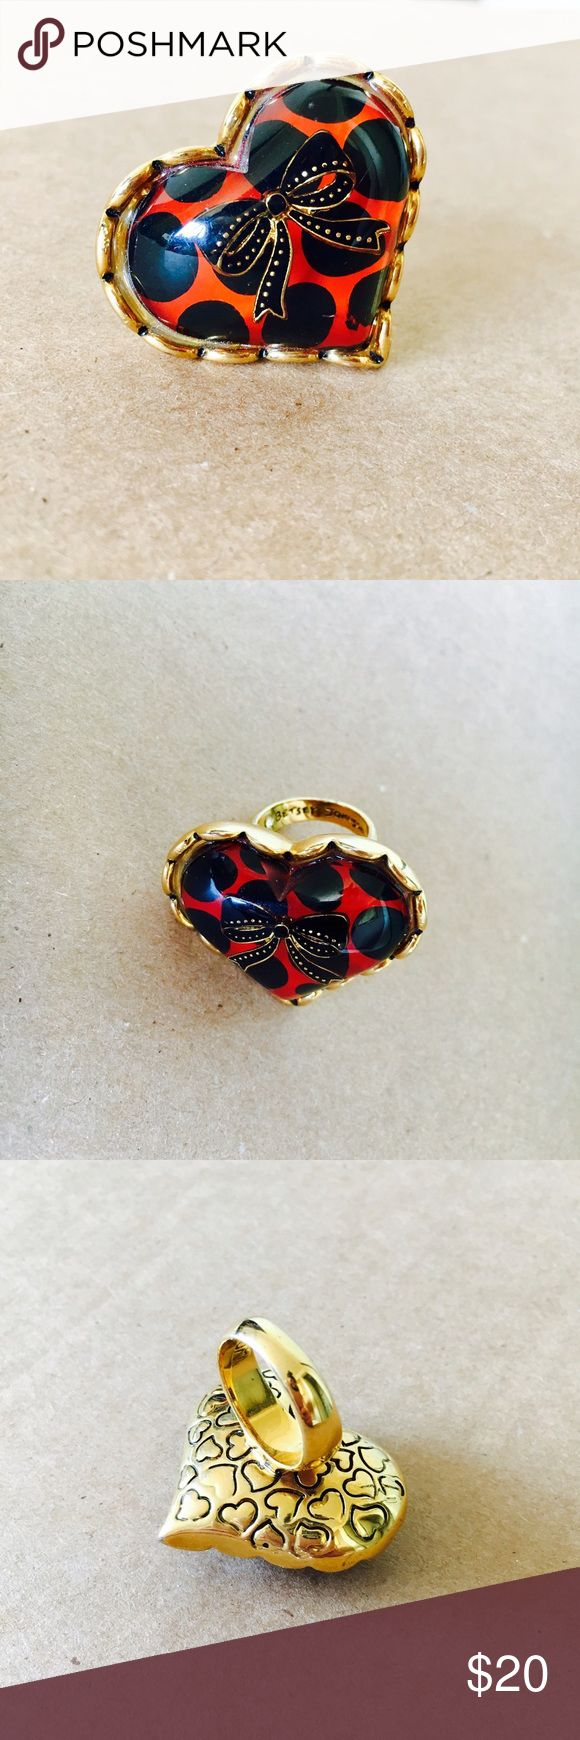 Betsy Johnson polka dot heart ring 💍 Betsy Johnson polka dot heart bow ring 💍 Size: 1.8 x 1.8in Betsey Johnson Jewelry Rings